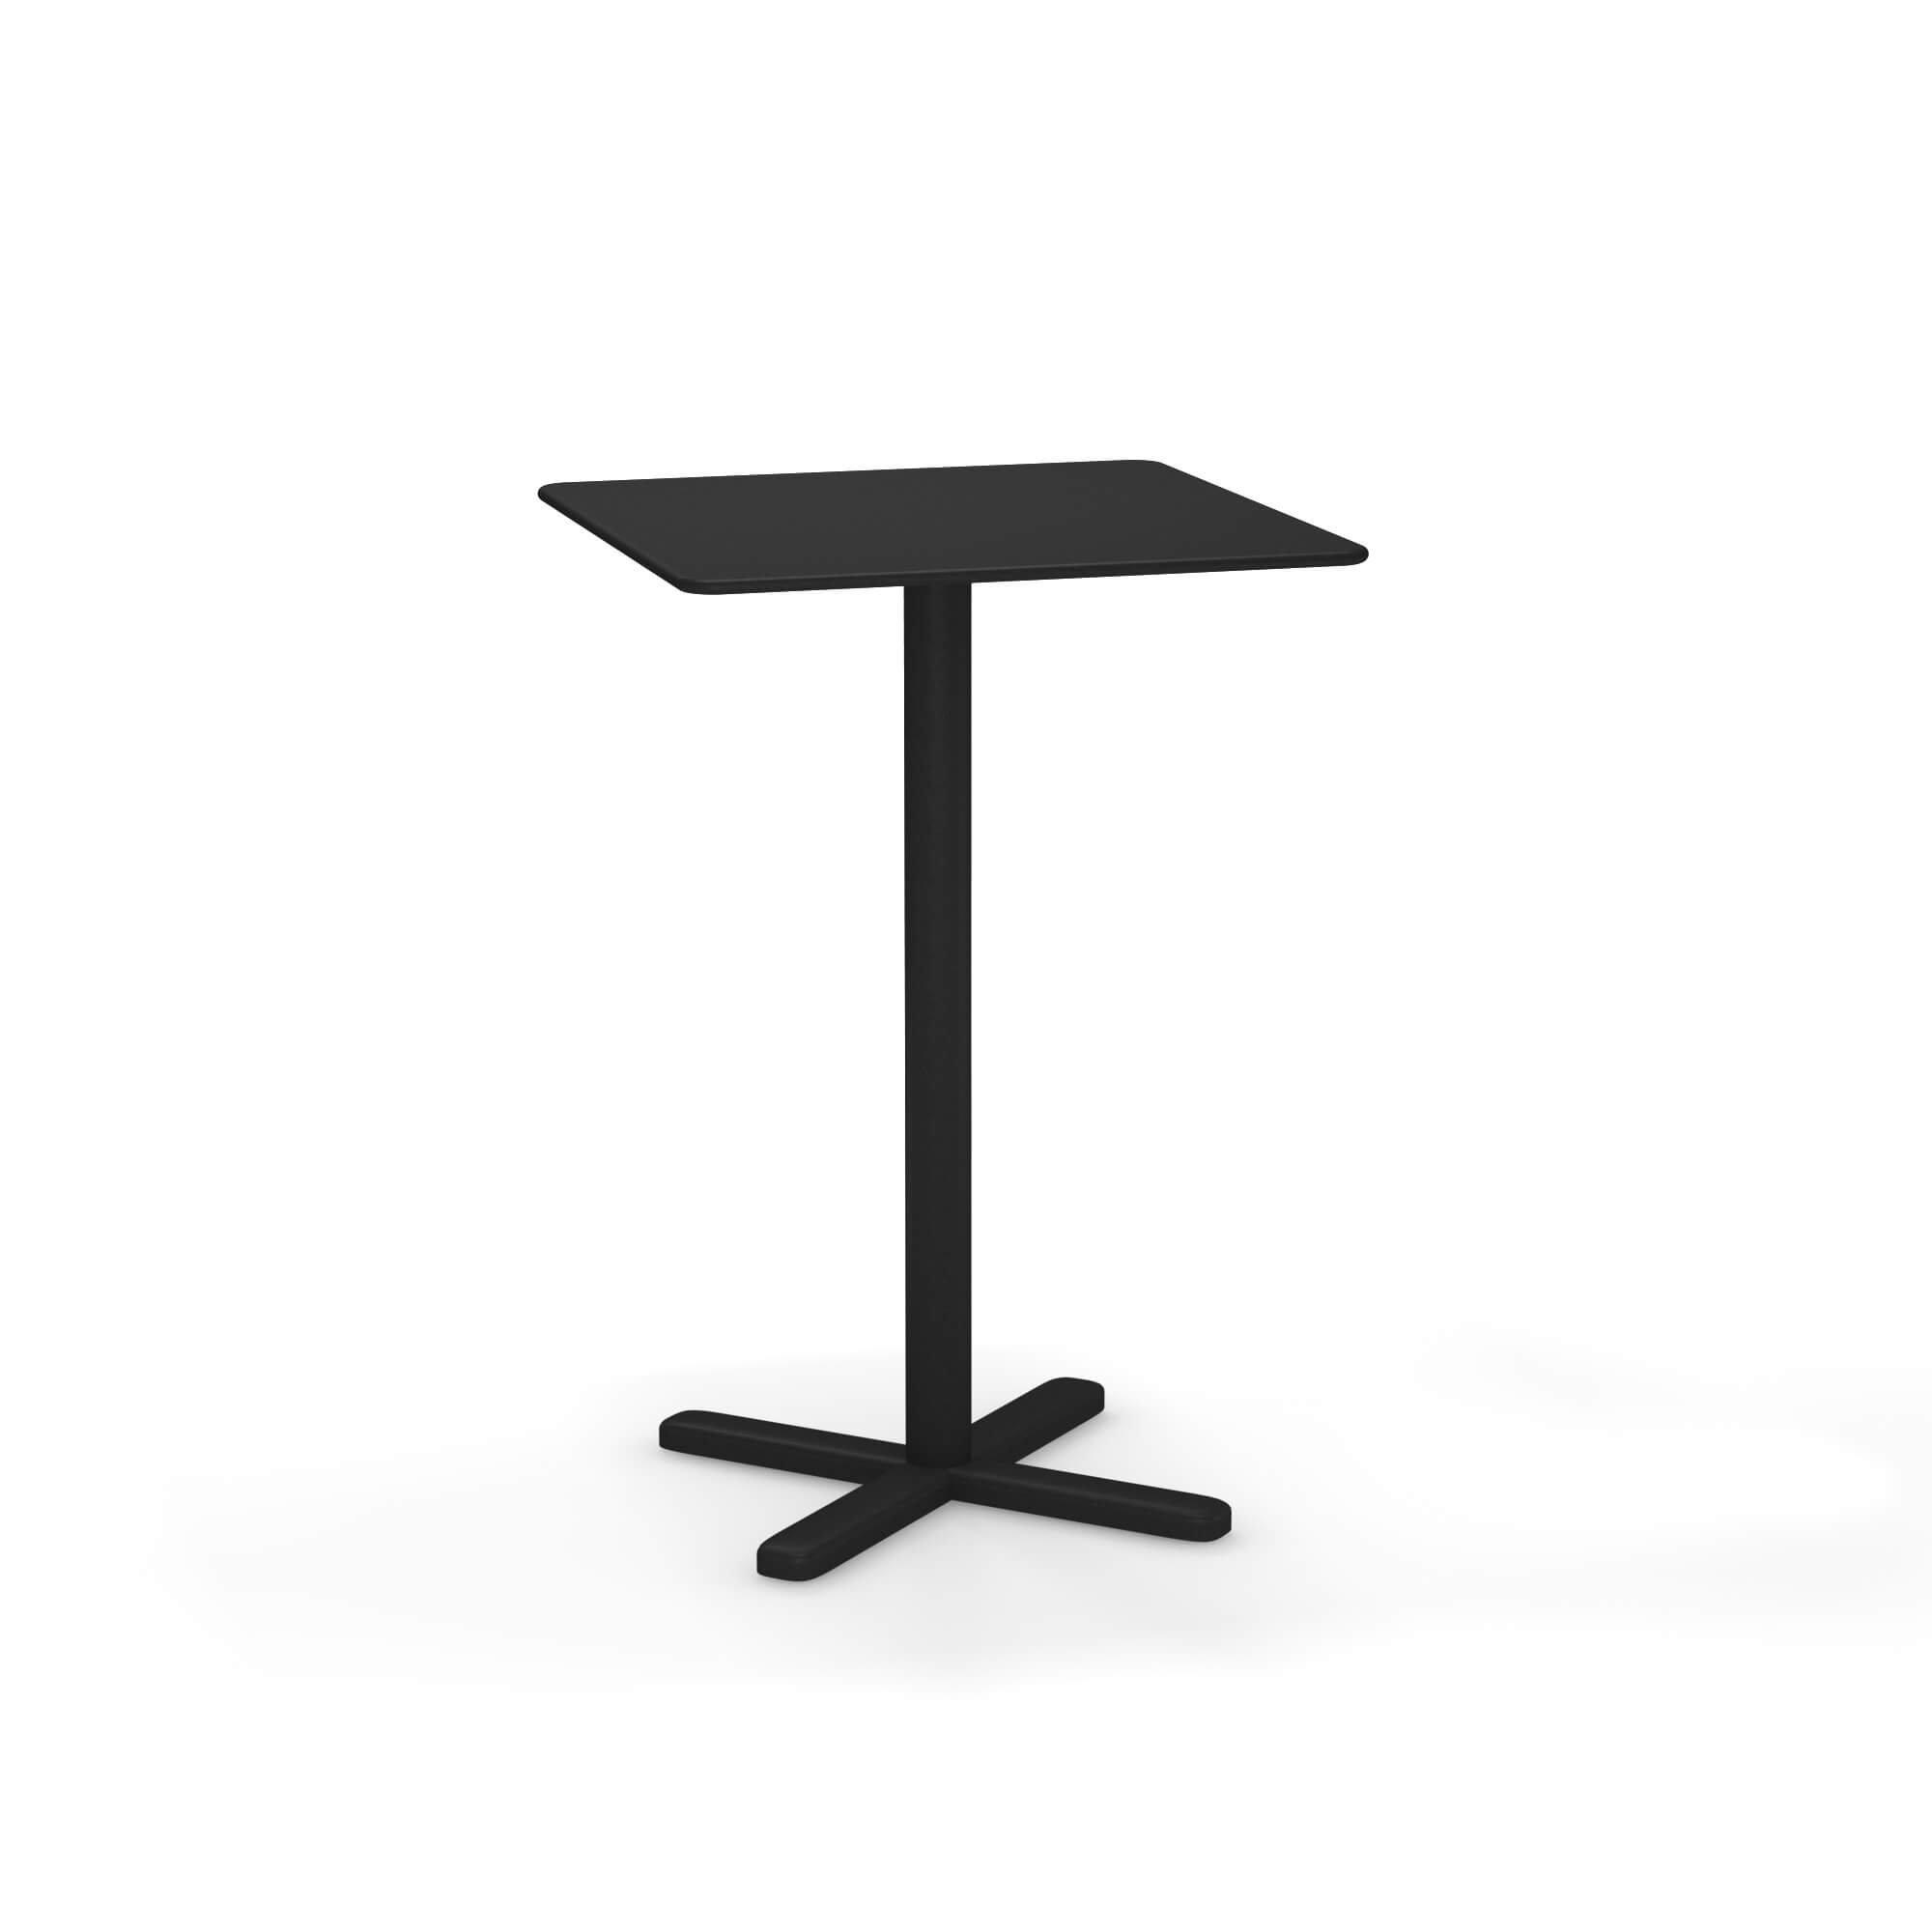 Darwin 528 bar table from Emu